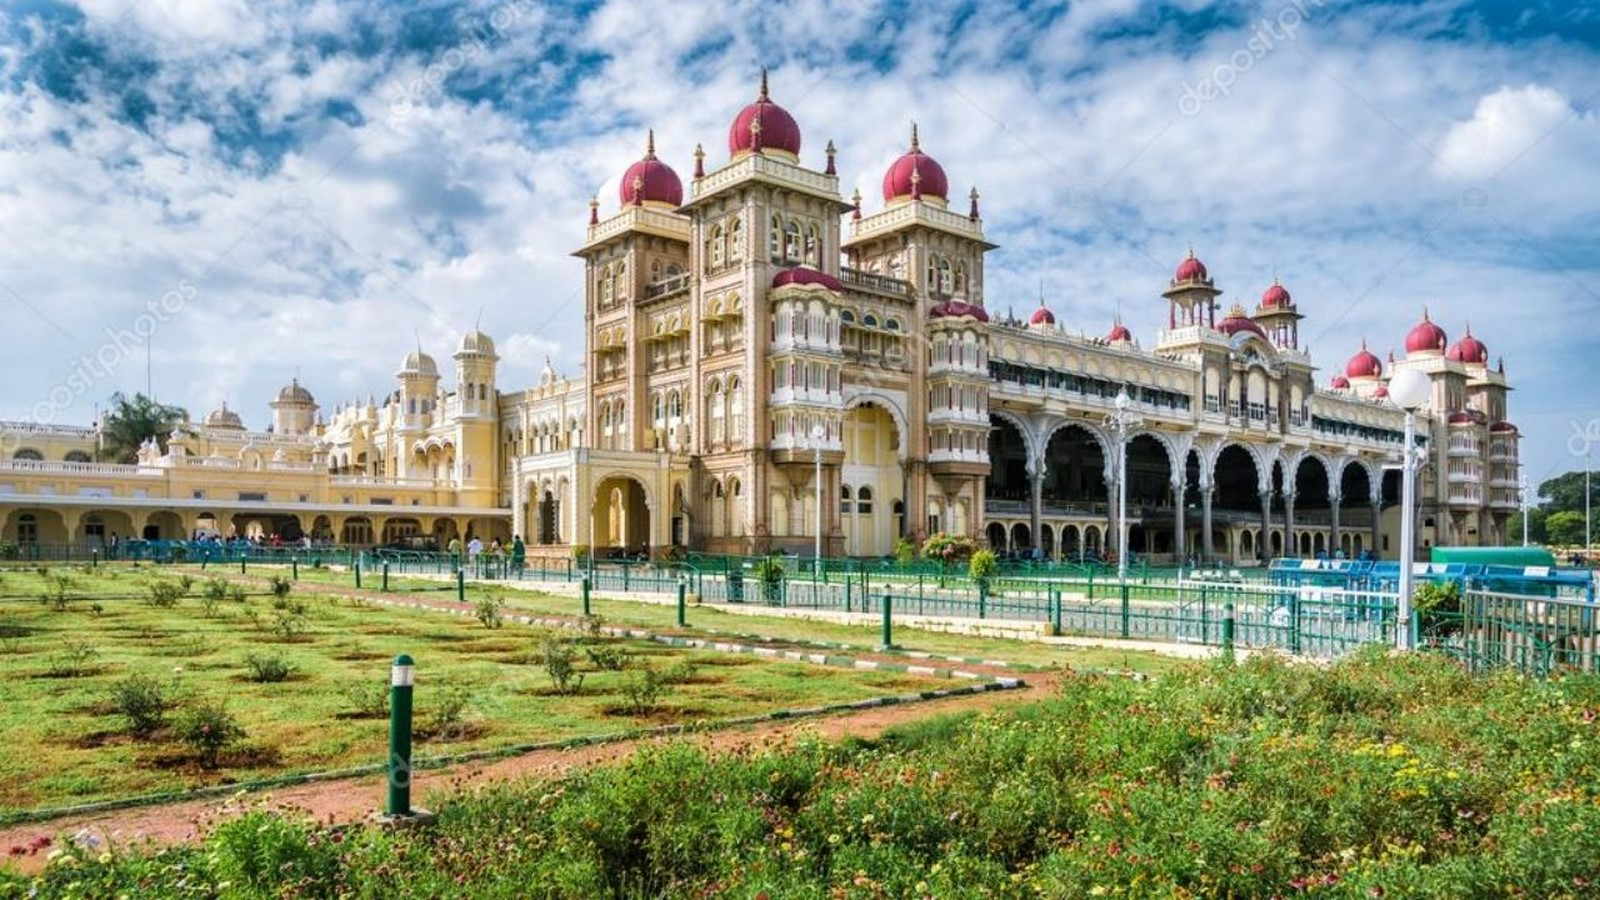 Mysore Palace, Mysore - Sheet1